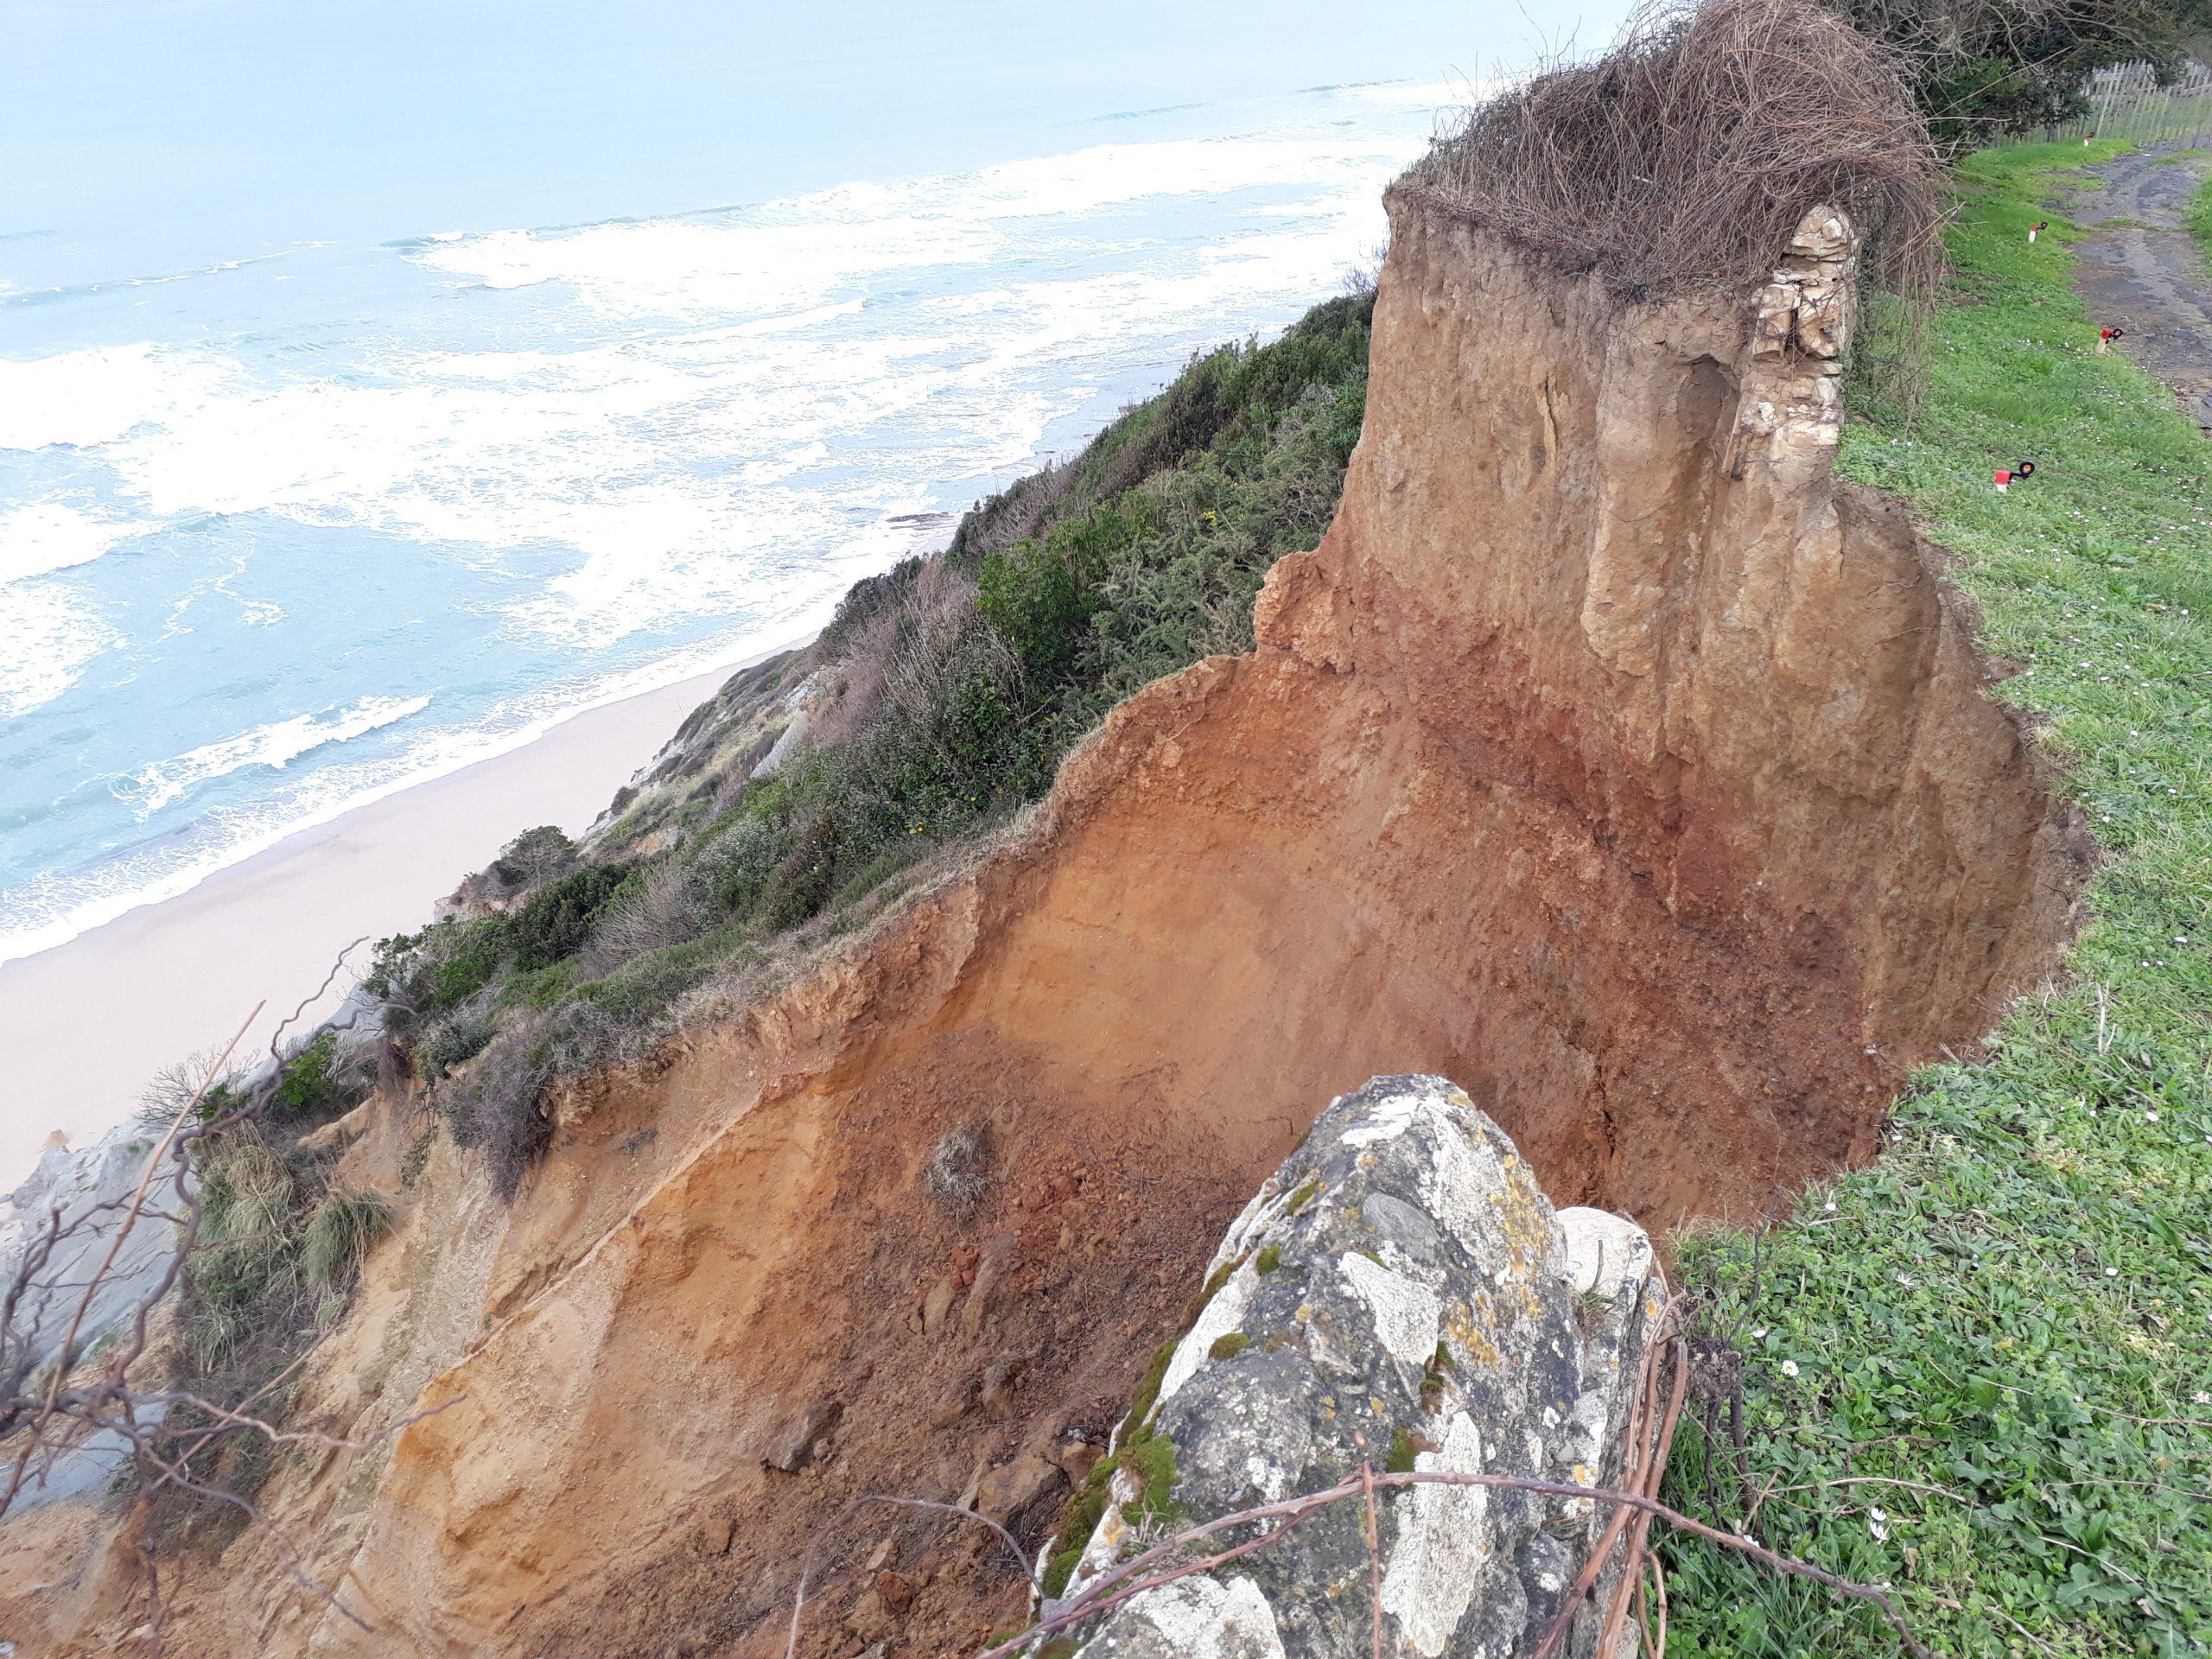 Glissement de terrain sur la Corniche basque : un suivi topographique engagé